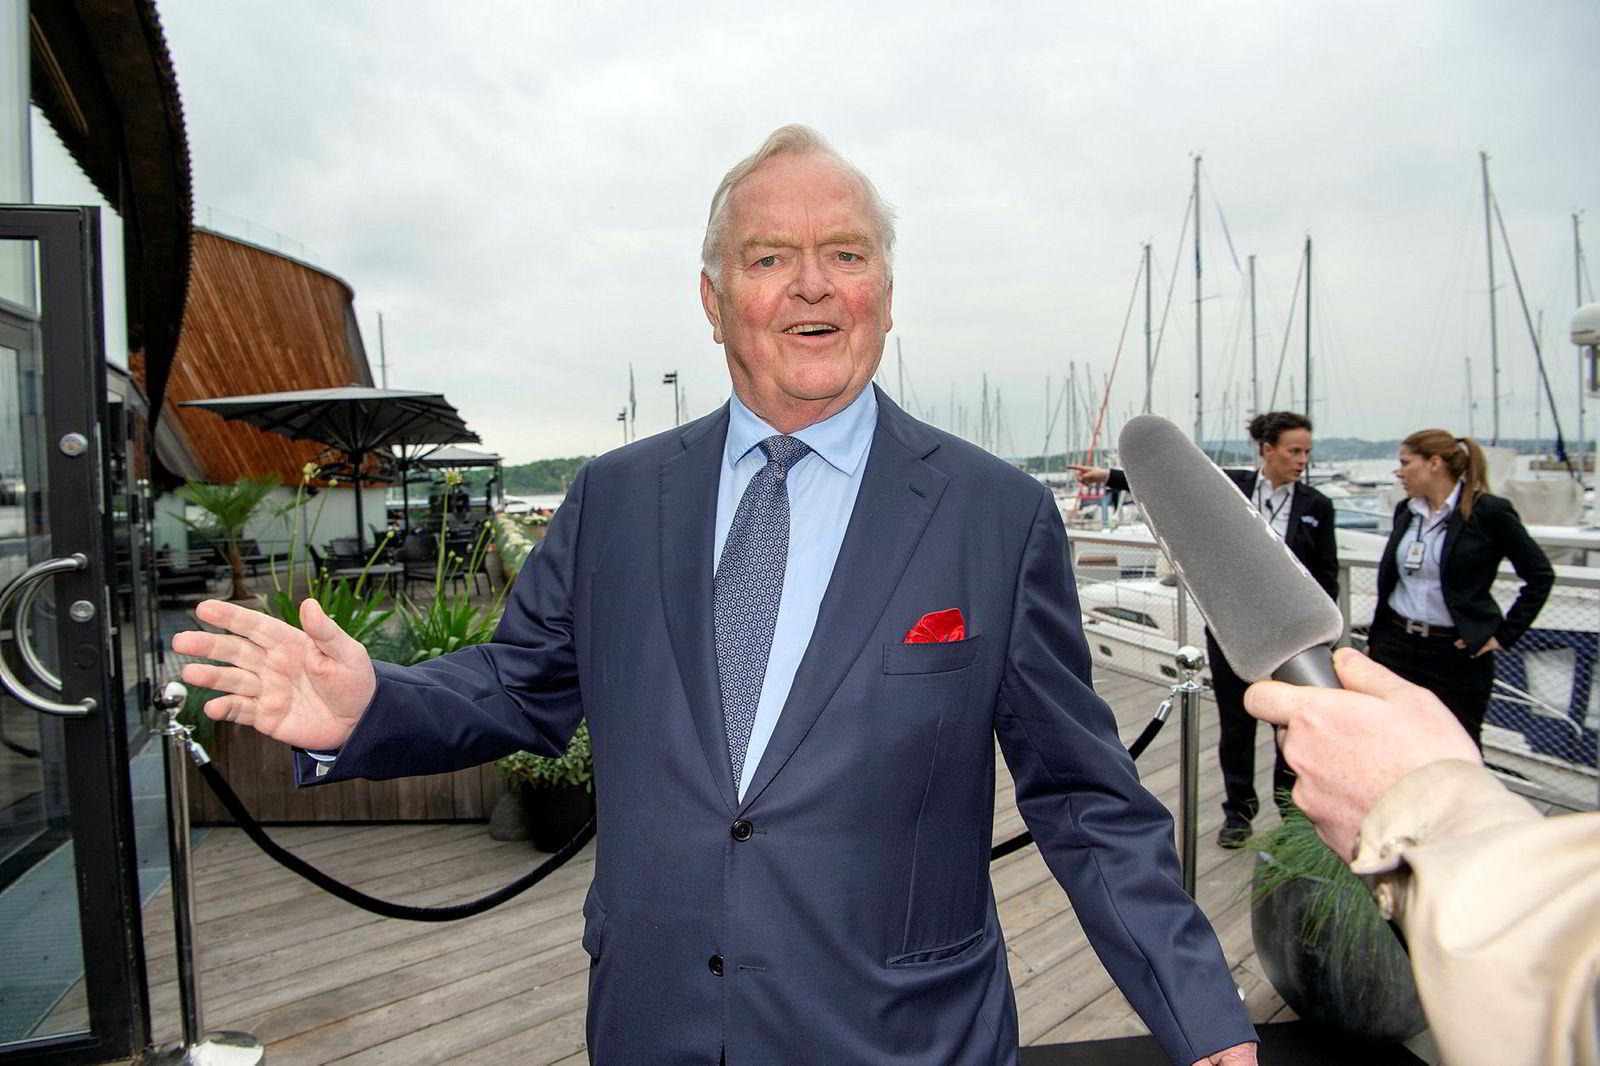 Skipsreder Herbjørn Hansson koste seg på Fredriksens 75 års dag. – Jeg liker å ha venner. Det er mye bedre å ha venner, enn uvenner, sa han på vei inn.